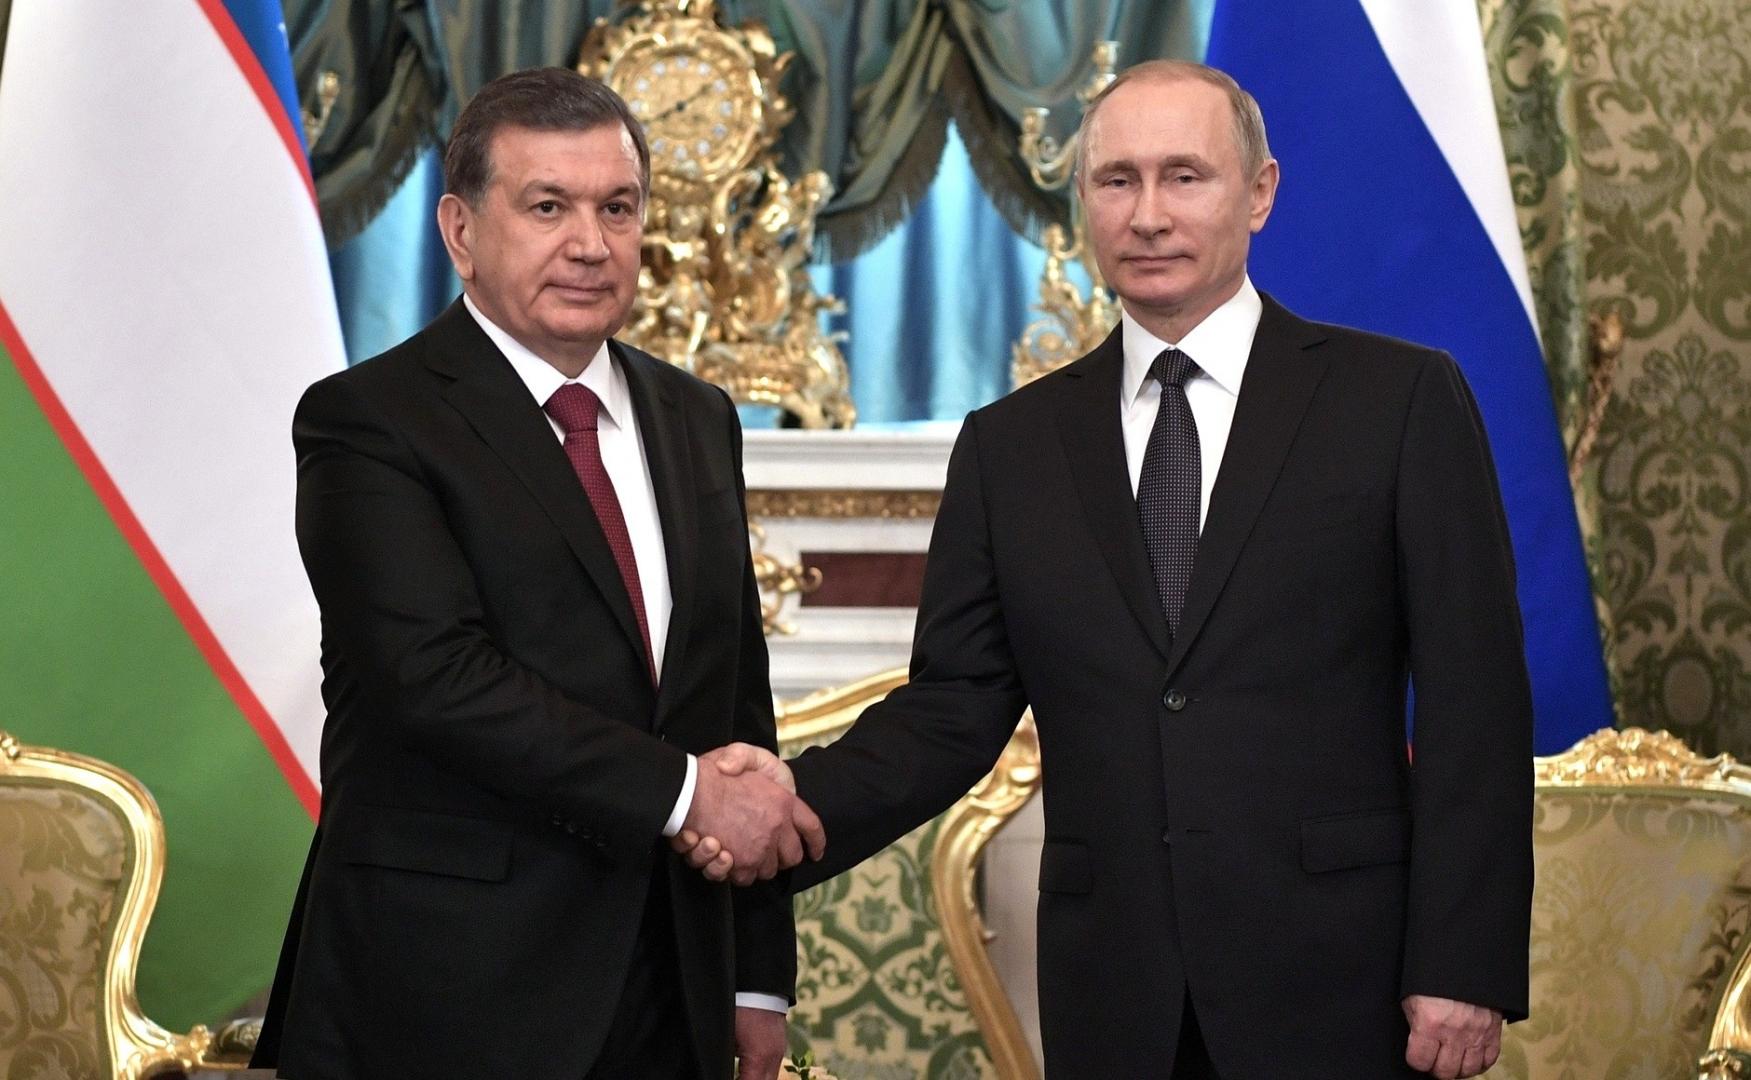 Официальная церемония встречи с Президентом Узбекистана Шавкатом Мирзиёевым. 2017